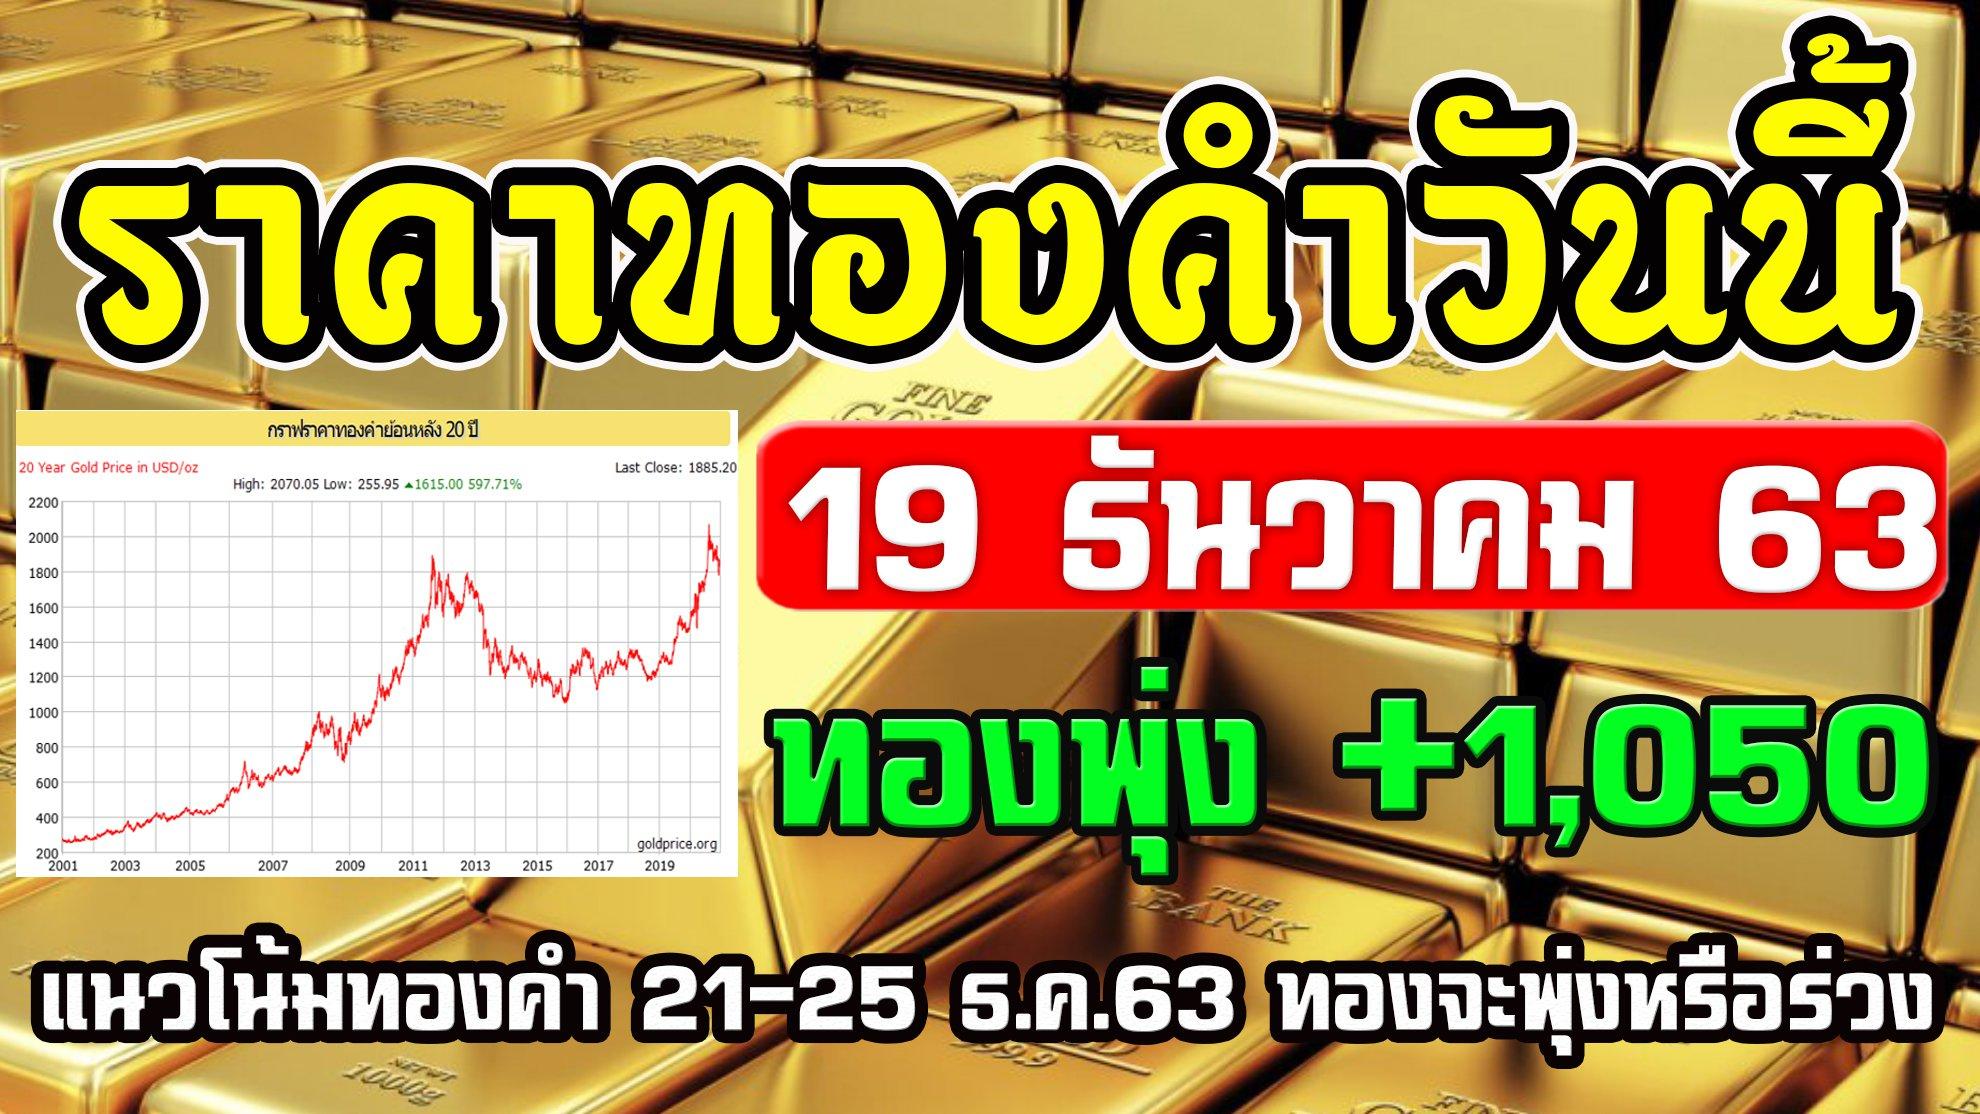 ราคาทองวันนี้ 19/12/63 ราคาทองคำวันนี้ 19ธันวาคม63 ราคาทองล่าสุด วิเคราะห์ทอง แนวโน้มราคาทองวันนี้